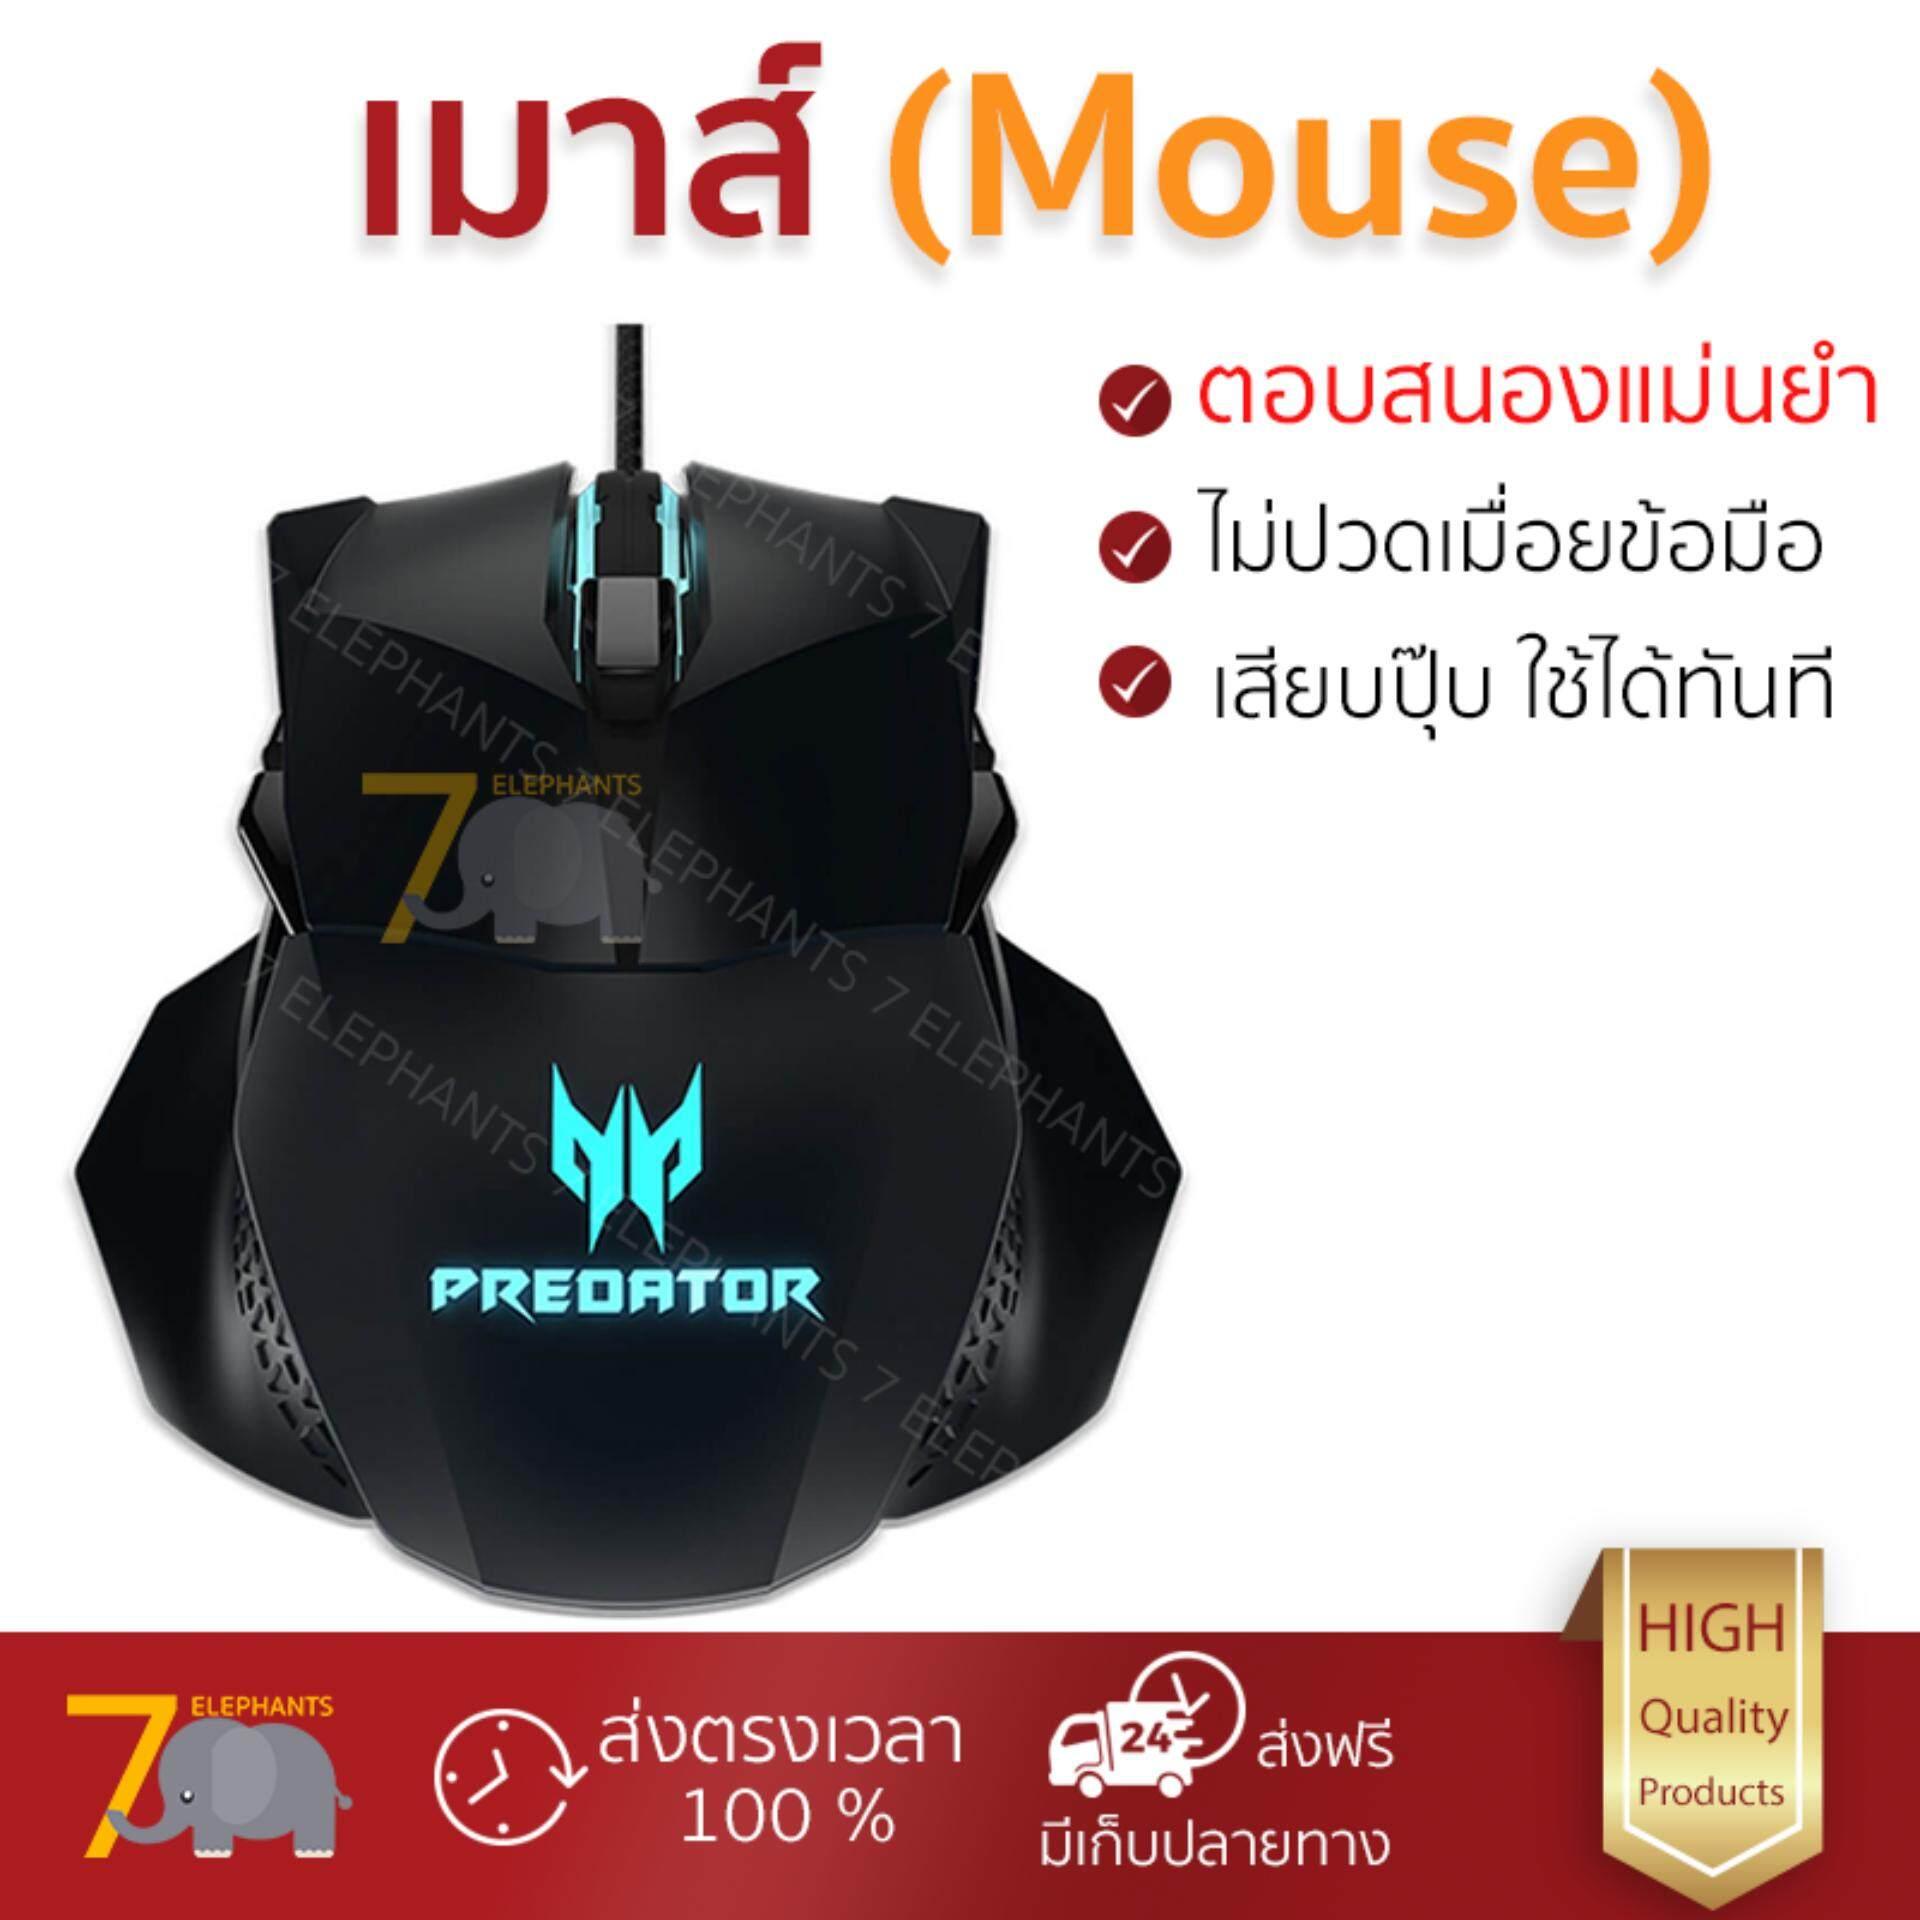 เก็บเงินปลายทางได้ รุ่นใหม่ล่าสุด เมาส์           ACER เมาส์เกมมิ่ง (สีดำ) รุ่น Predator Cestus 500               เซนเซอร์คุณภาพสูง ทำงานได้ลื่นไหล ไม่มีสะดุด Computer Mouse  รับประกันสินค้า 1 ปี จัดส